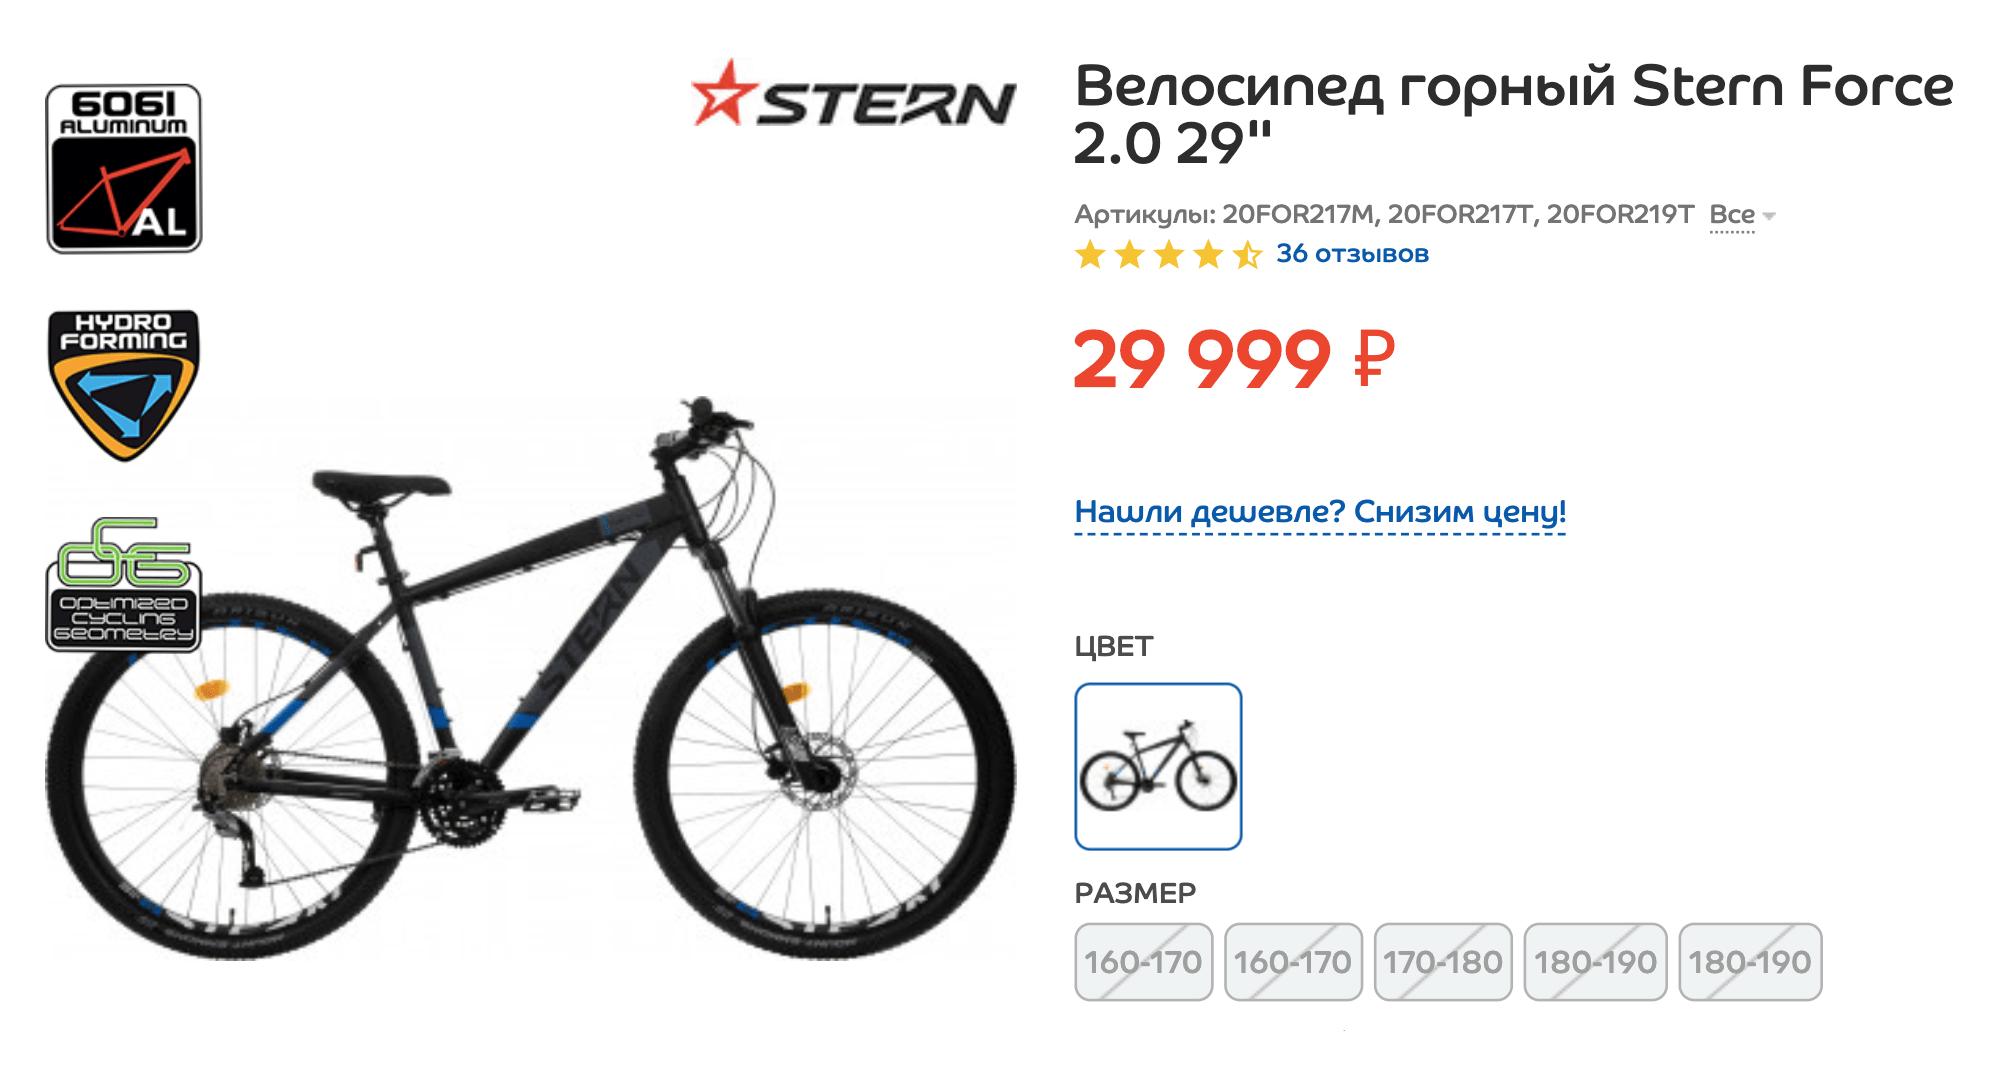 Вот такой велосипед купил А.